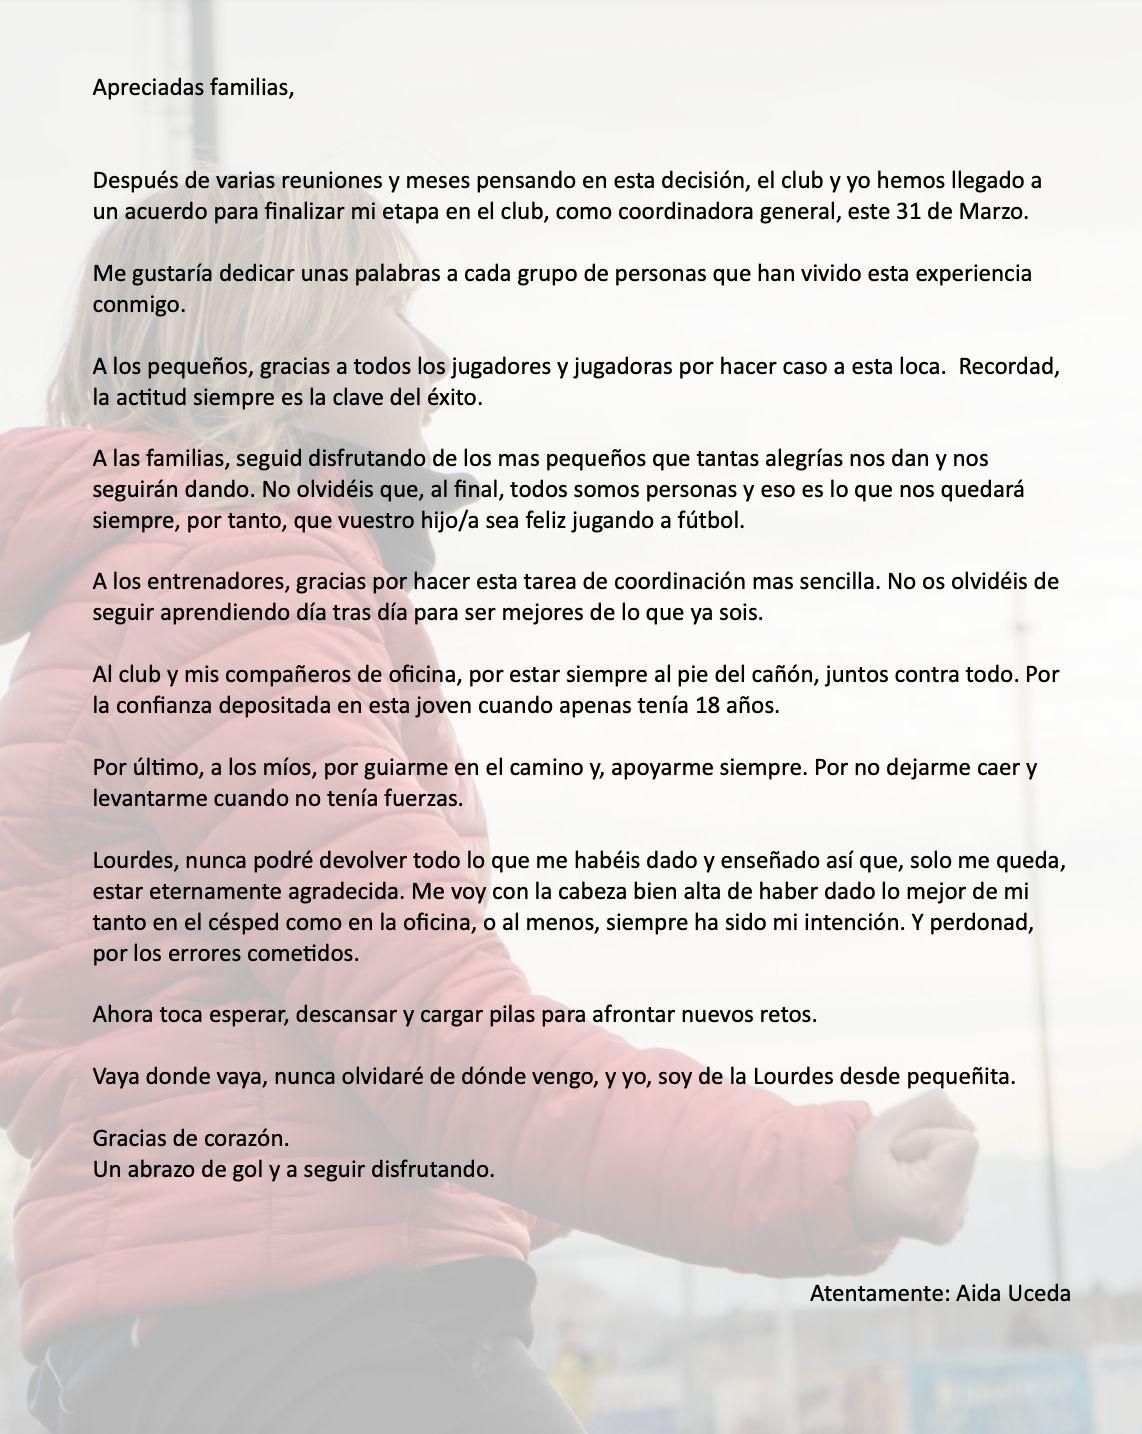 COMUNICADO CLUB SOBRE CAMBIOS EN COORDINACIÓN